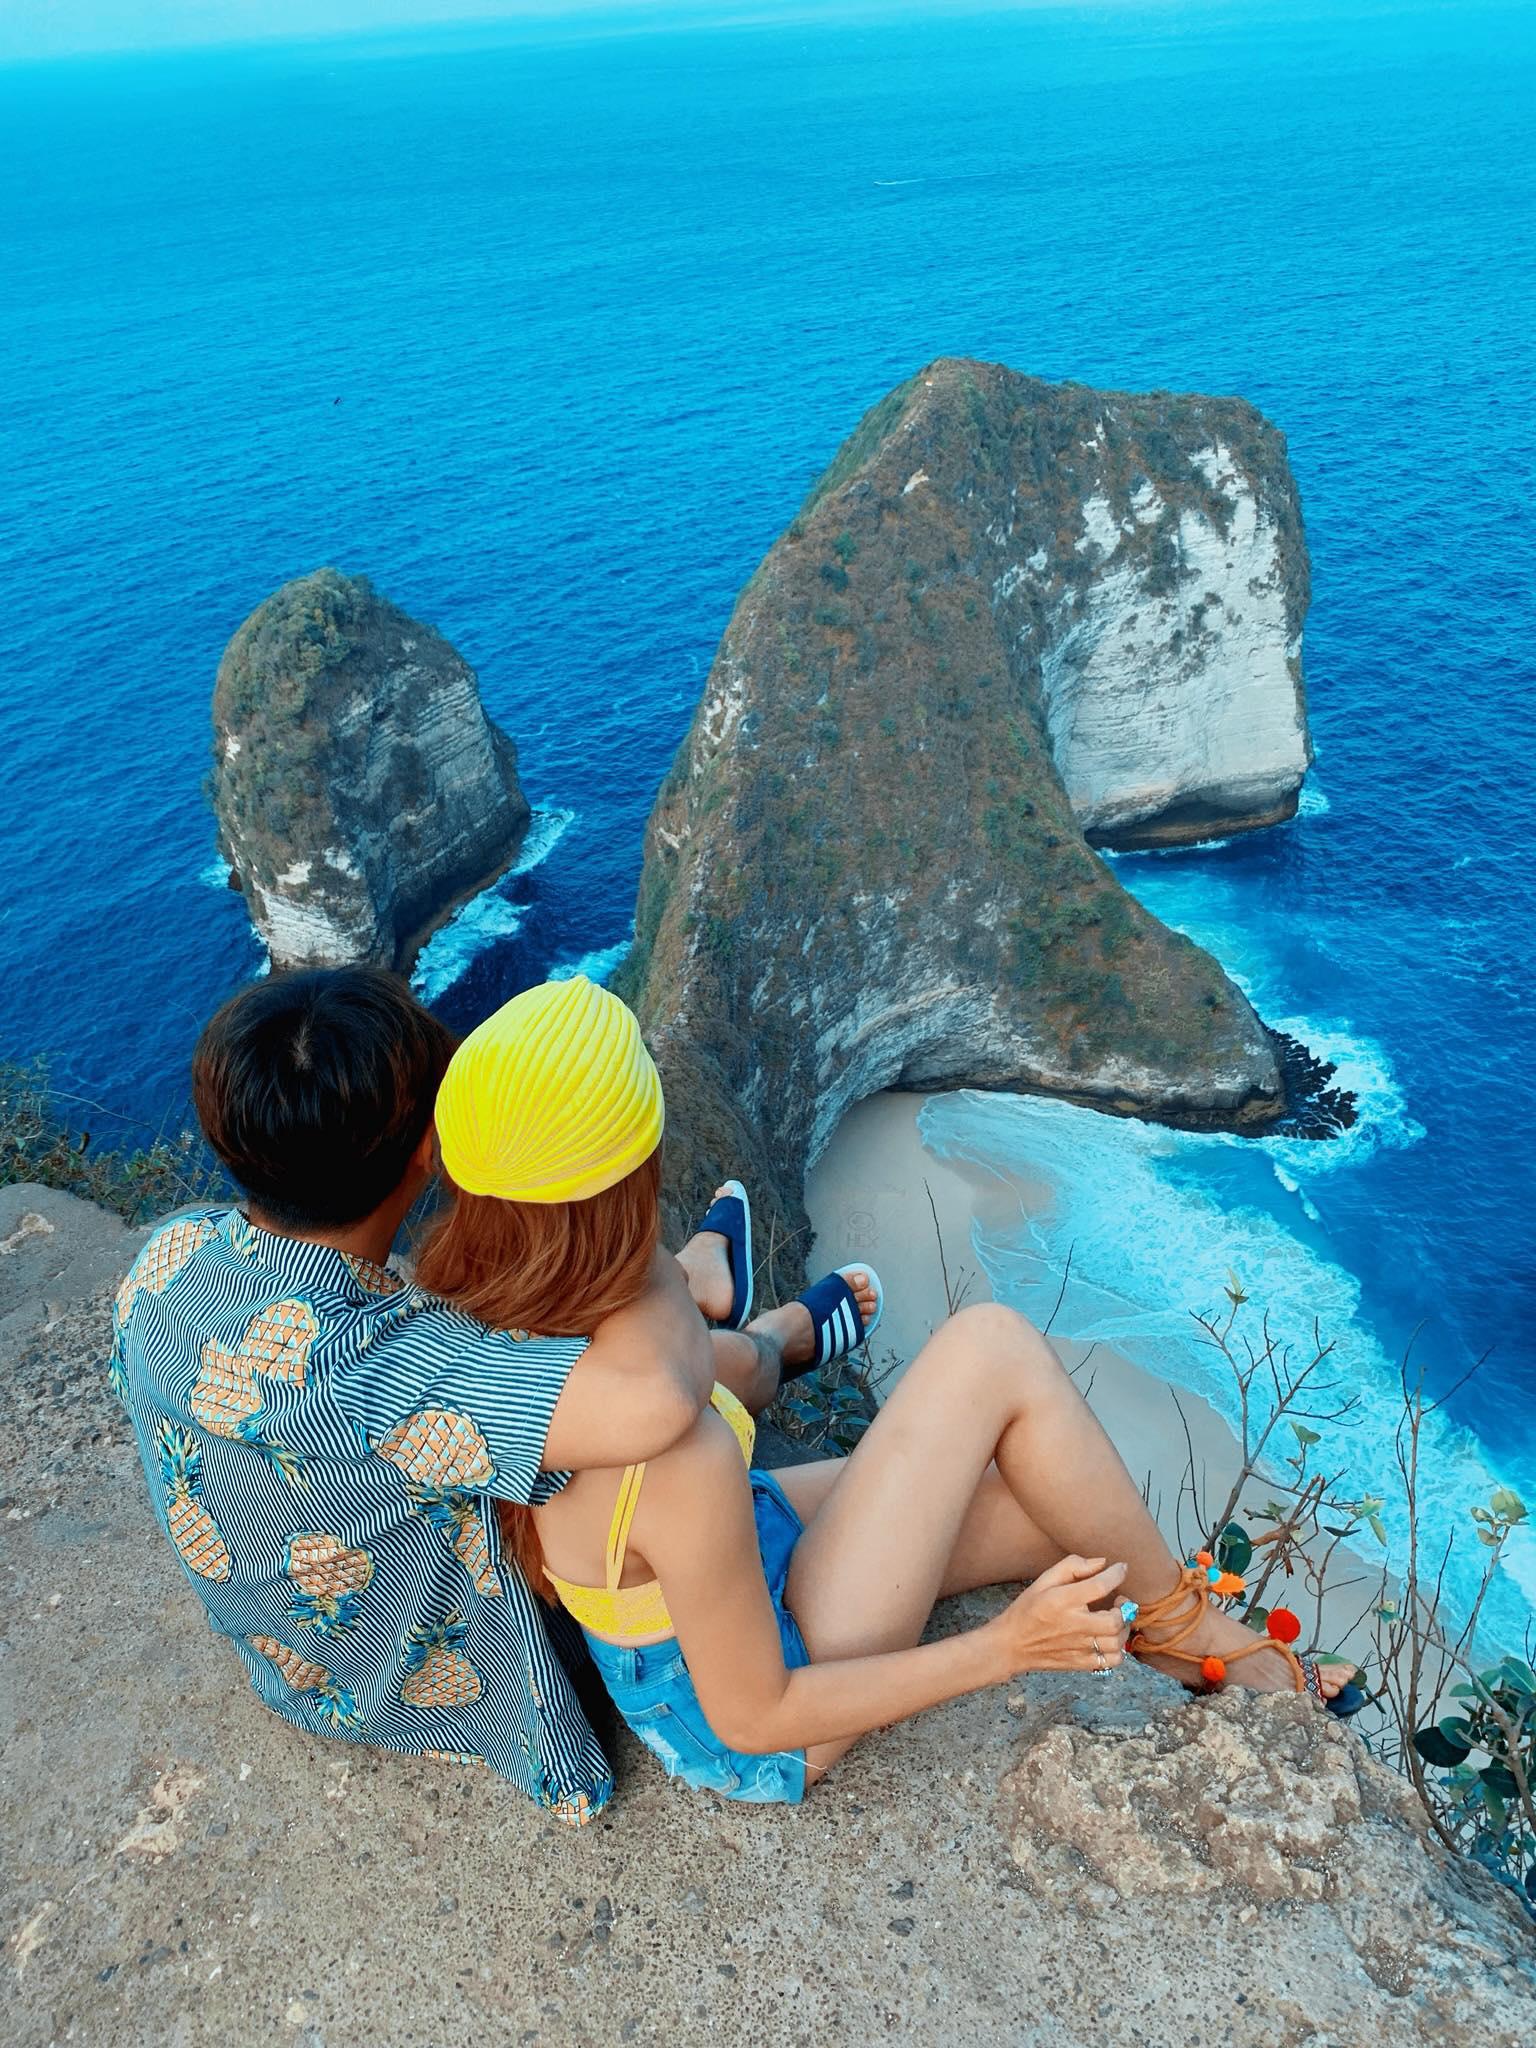 Bali, Indonesia. ravelholic Lý Anh Thư, dulichchat, du lịch chất, blog du lịch, tuân cuồng chân blogger